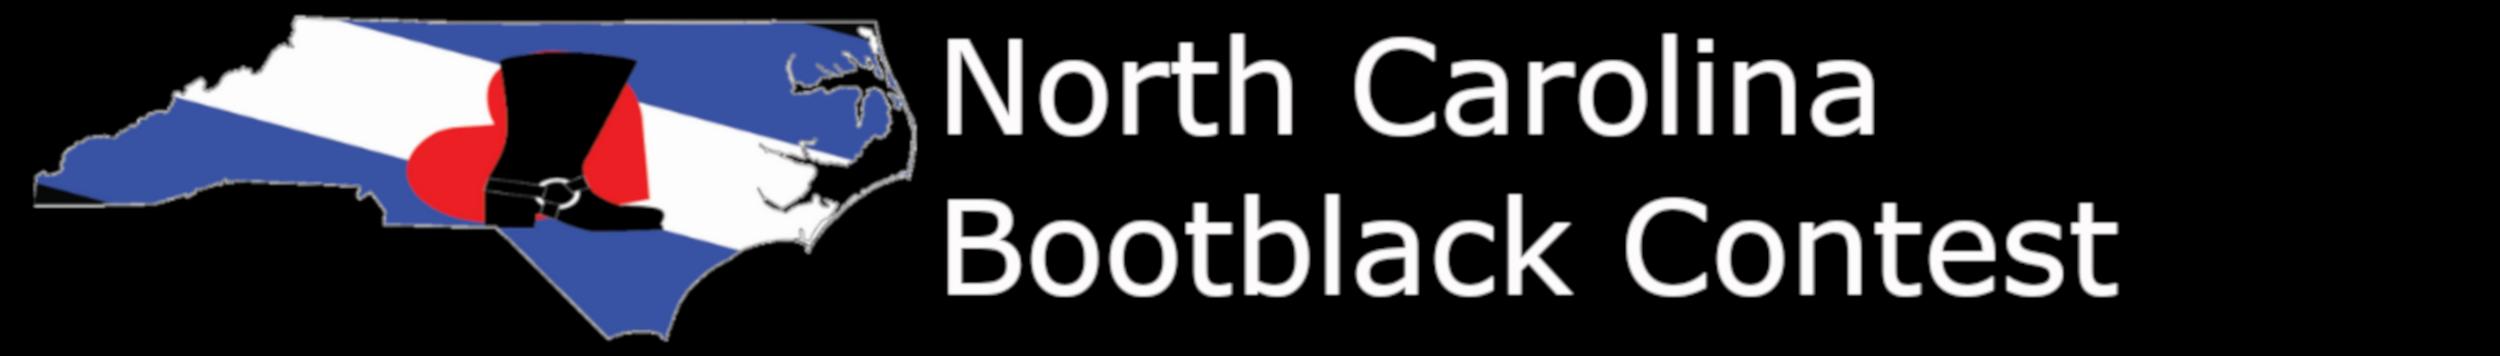 NC Bootblack Contest